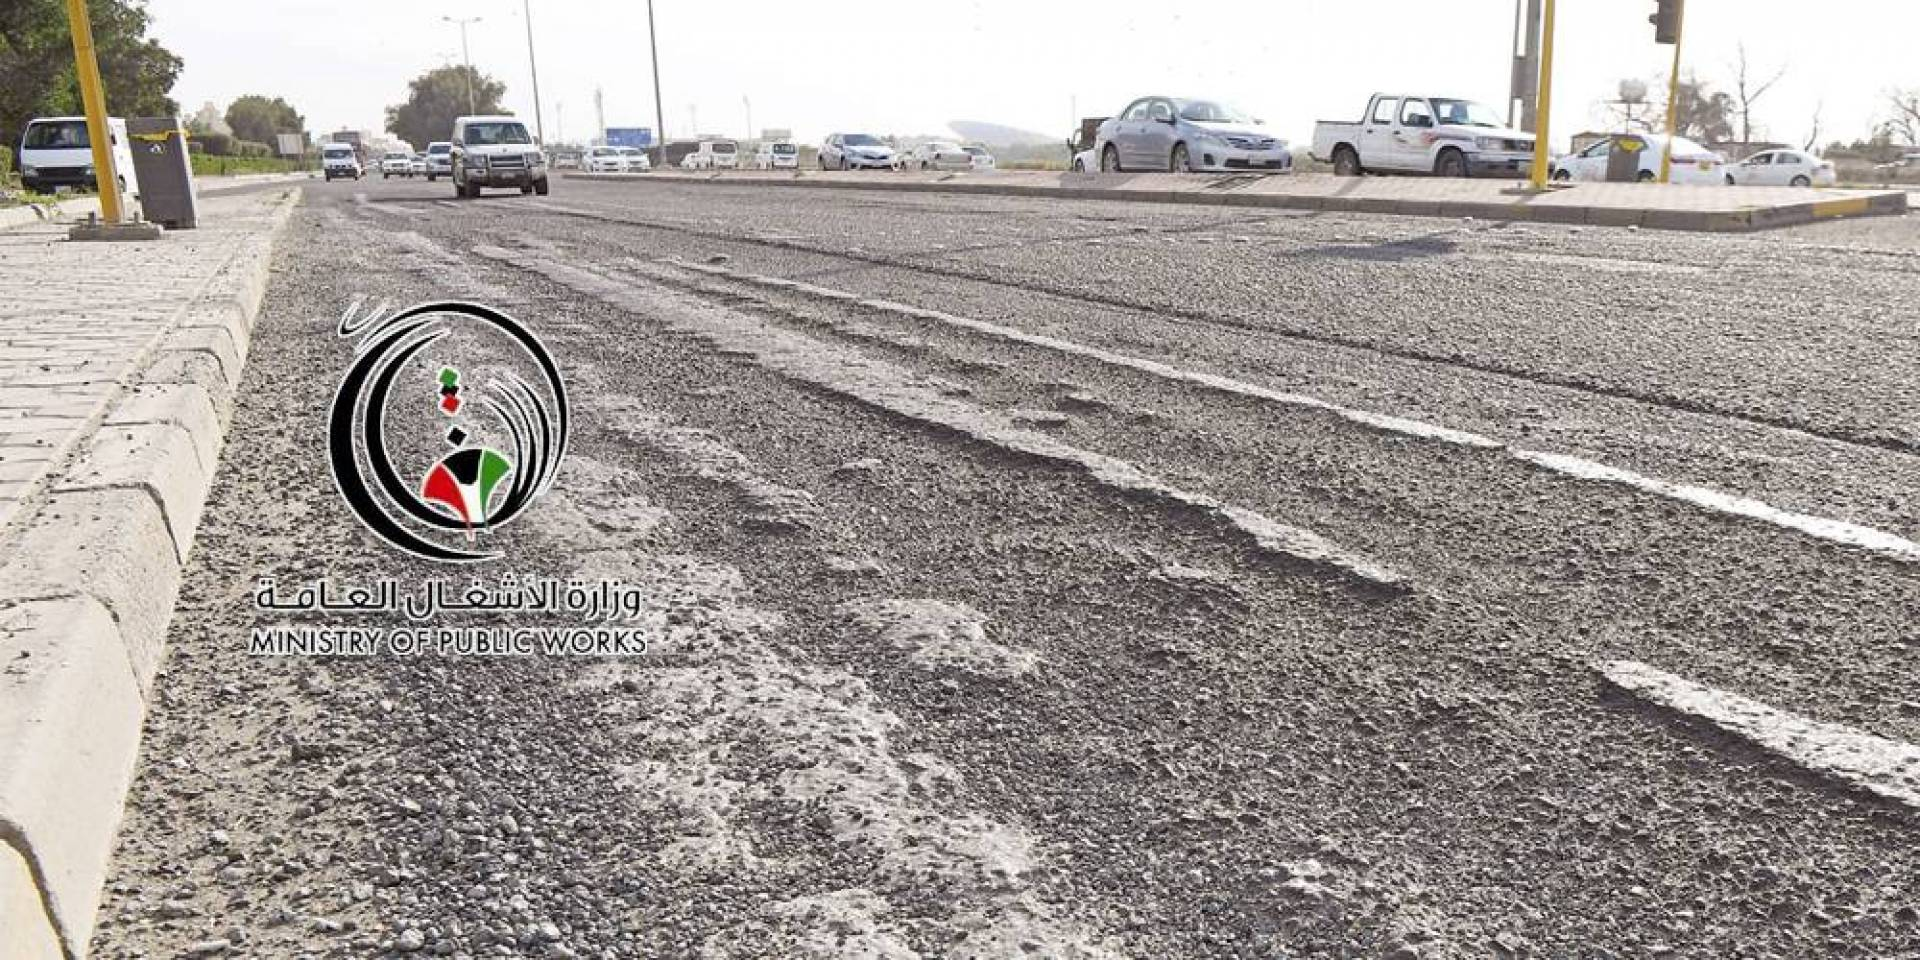 «الأشغال»: 15 مليون دينار لصيانة الطرق